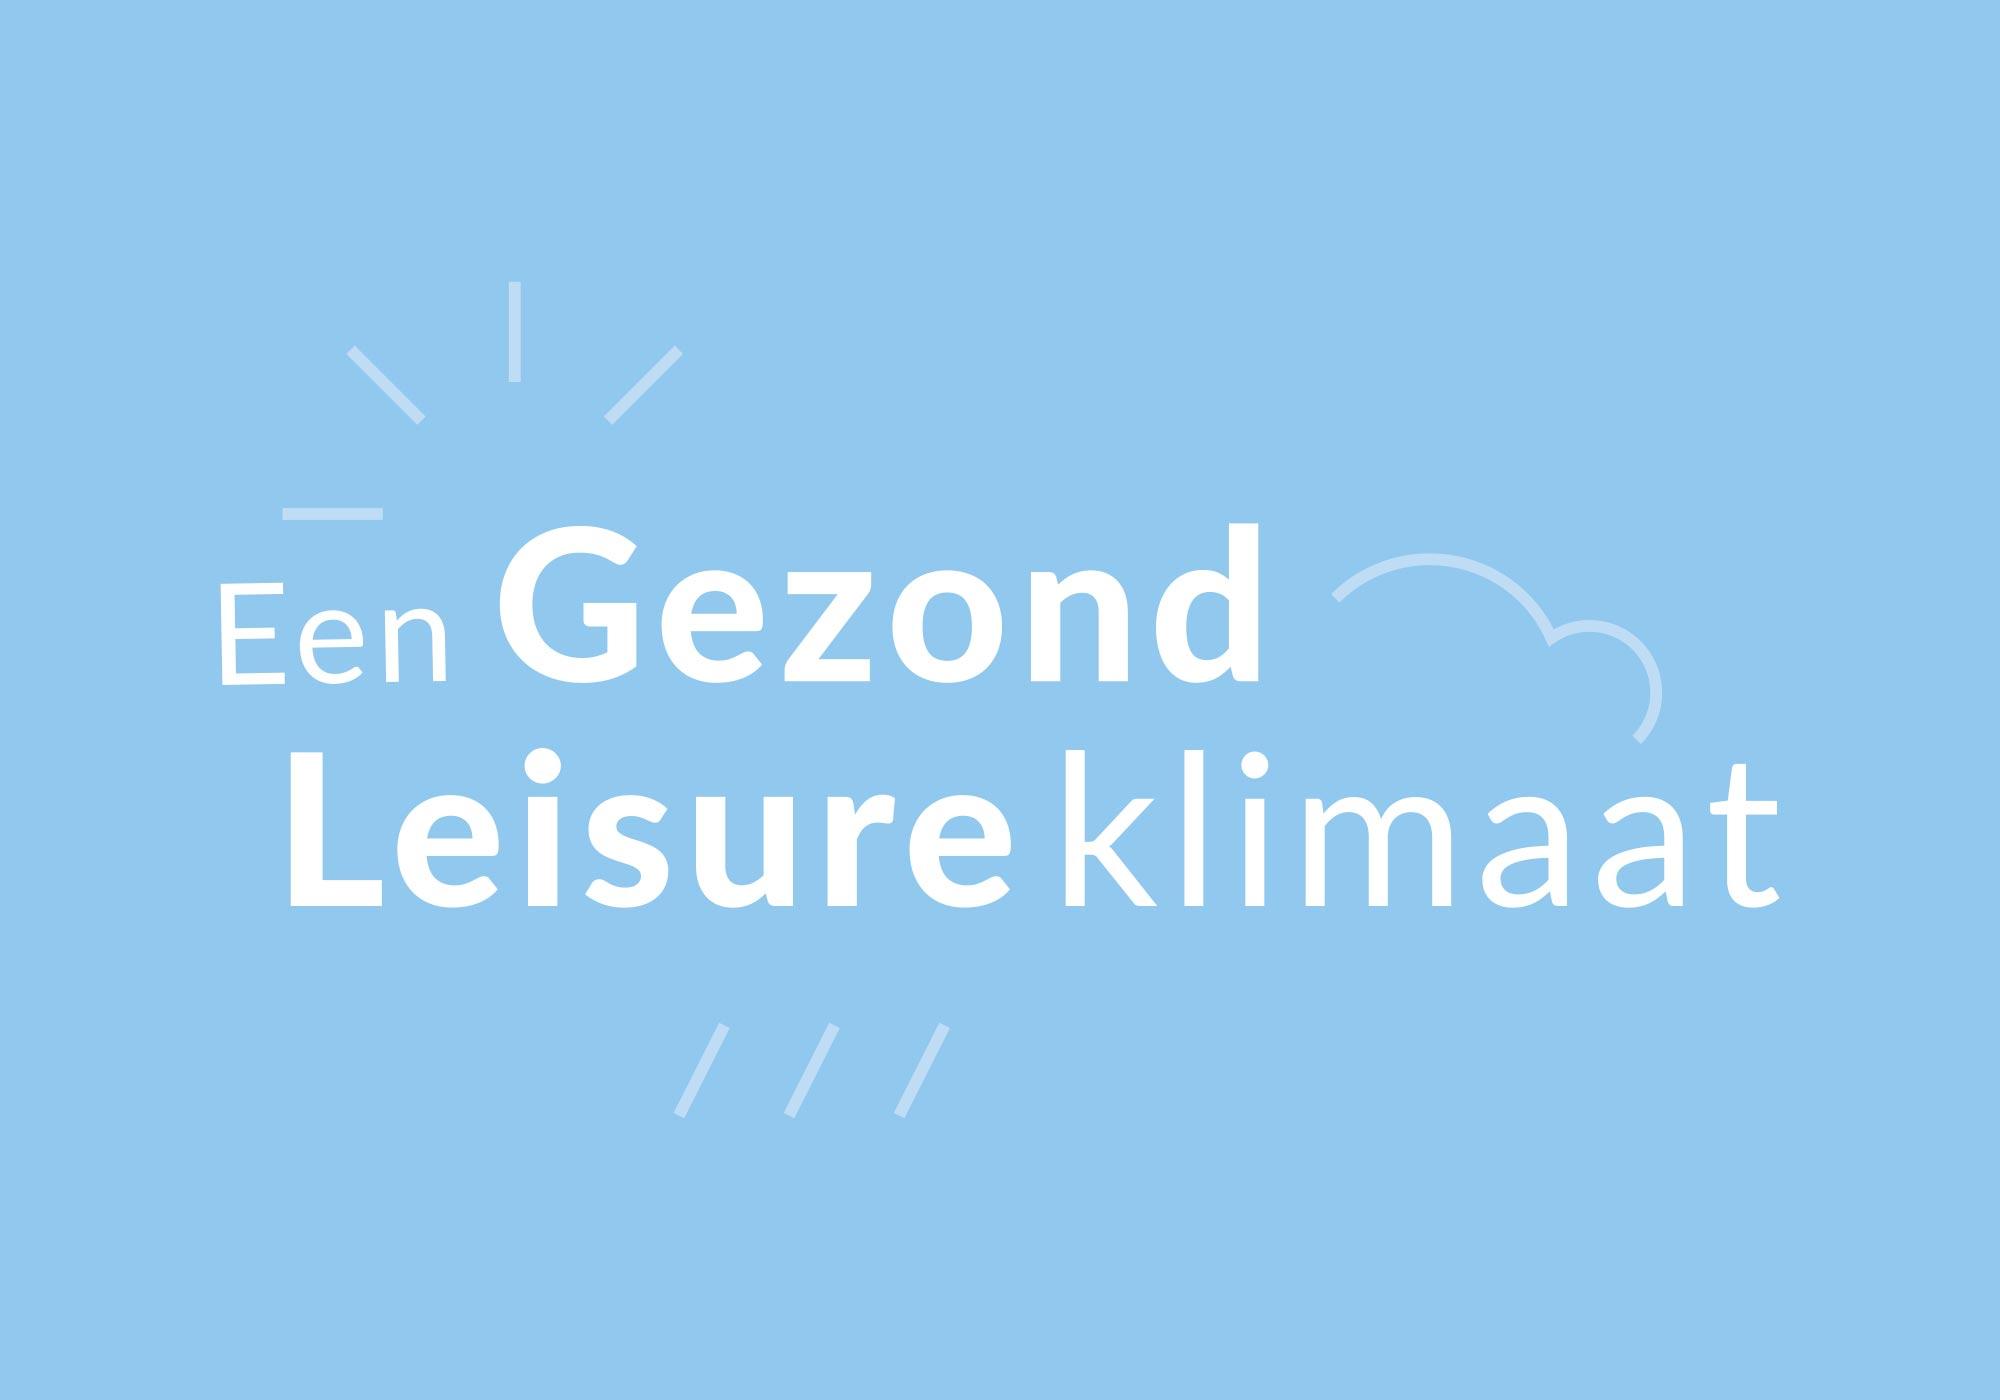 Een Gezond Leisureklimaat logo ontwerp JAgd 3